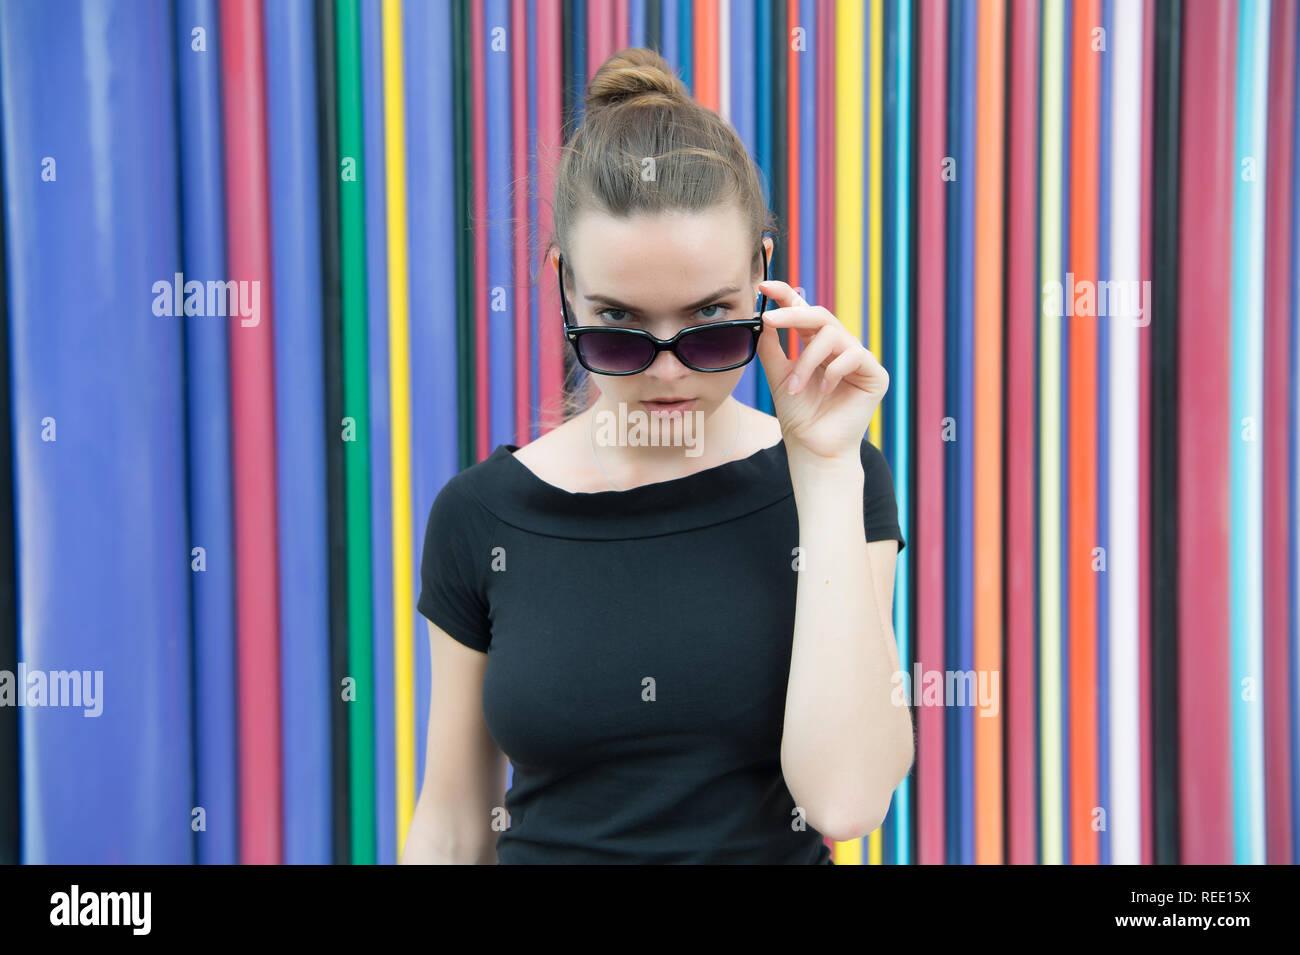 Concepto de estilo urbano de moda. Señora misterioso rostro sacando de anteojos negros en frente de la pared multicolor rayas en París. Mujer elegante apariencia elegante traje. Moda urbana de las grandes ciudades. Imagen De Stock